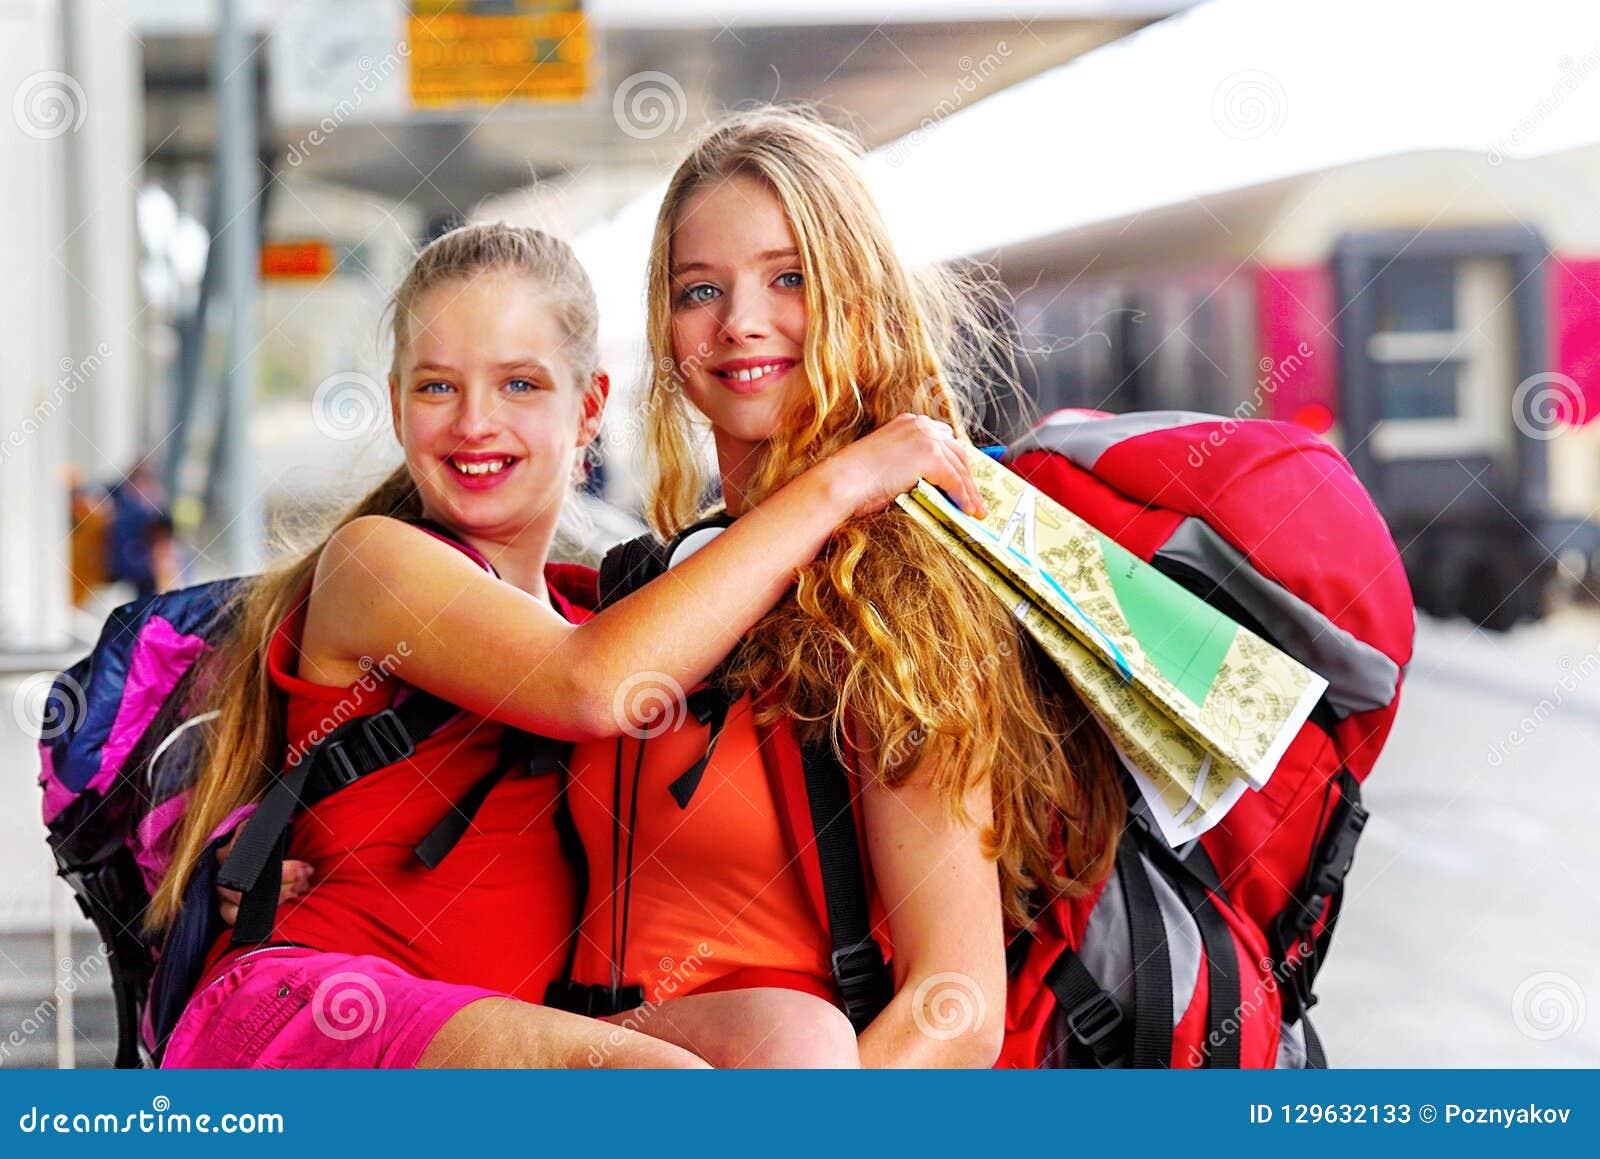 旅行家女孩女性背包和旅游业成套装备在火车站